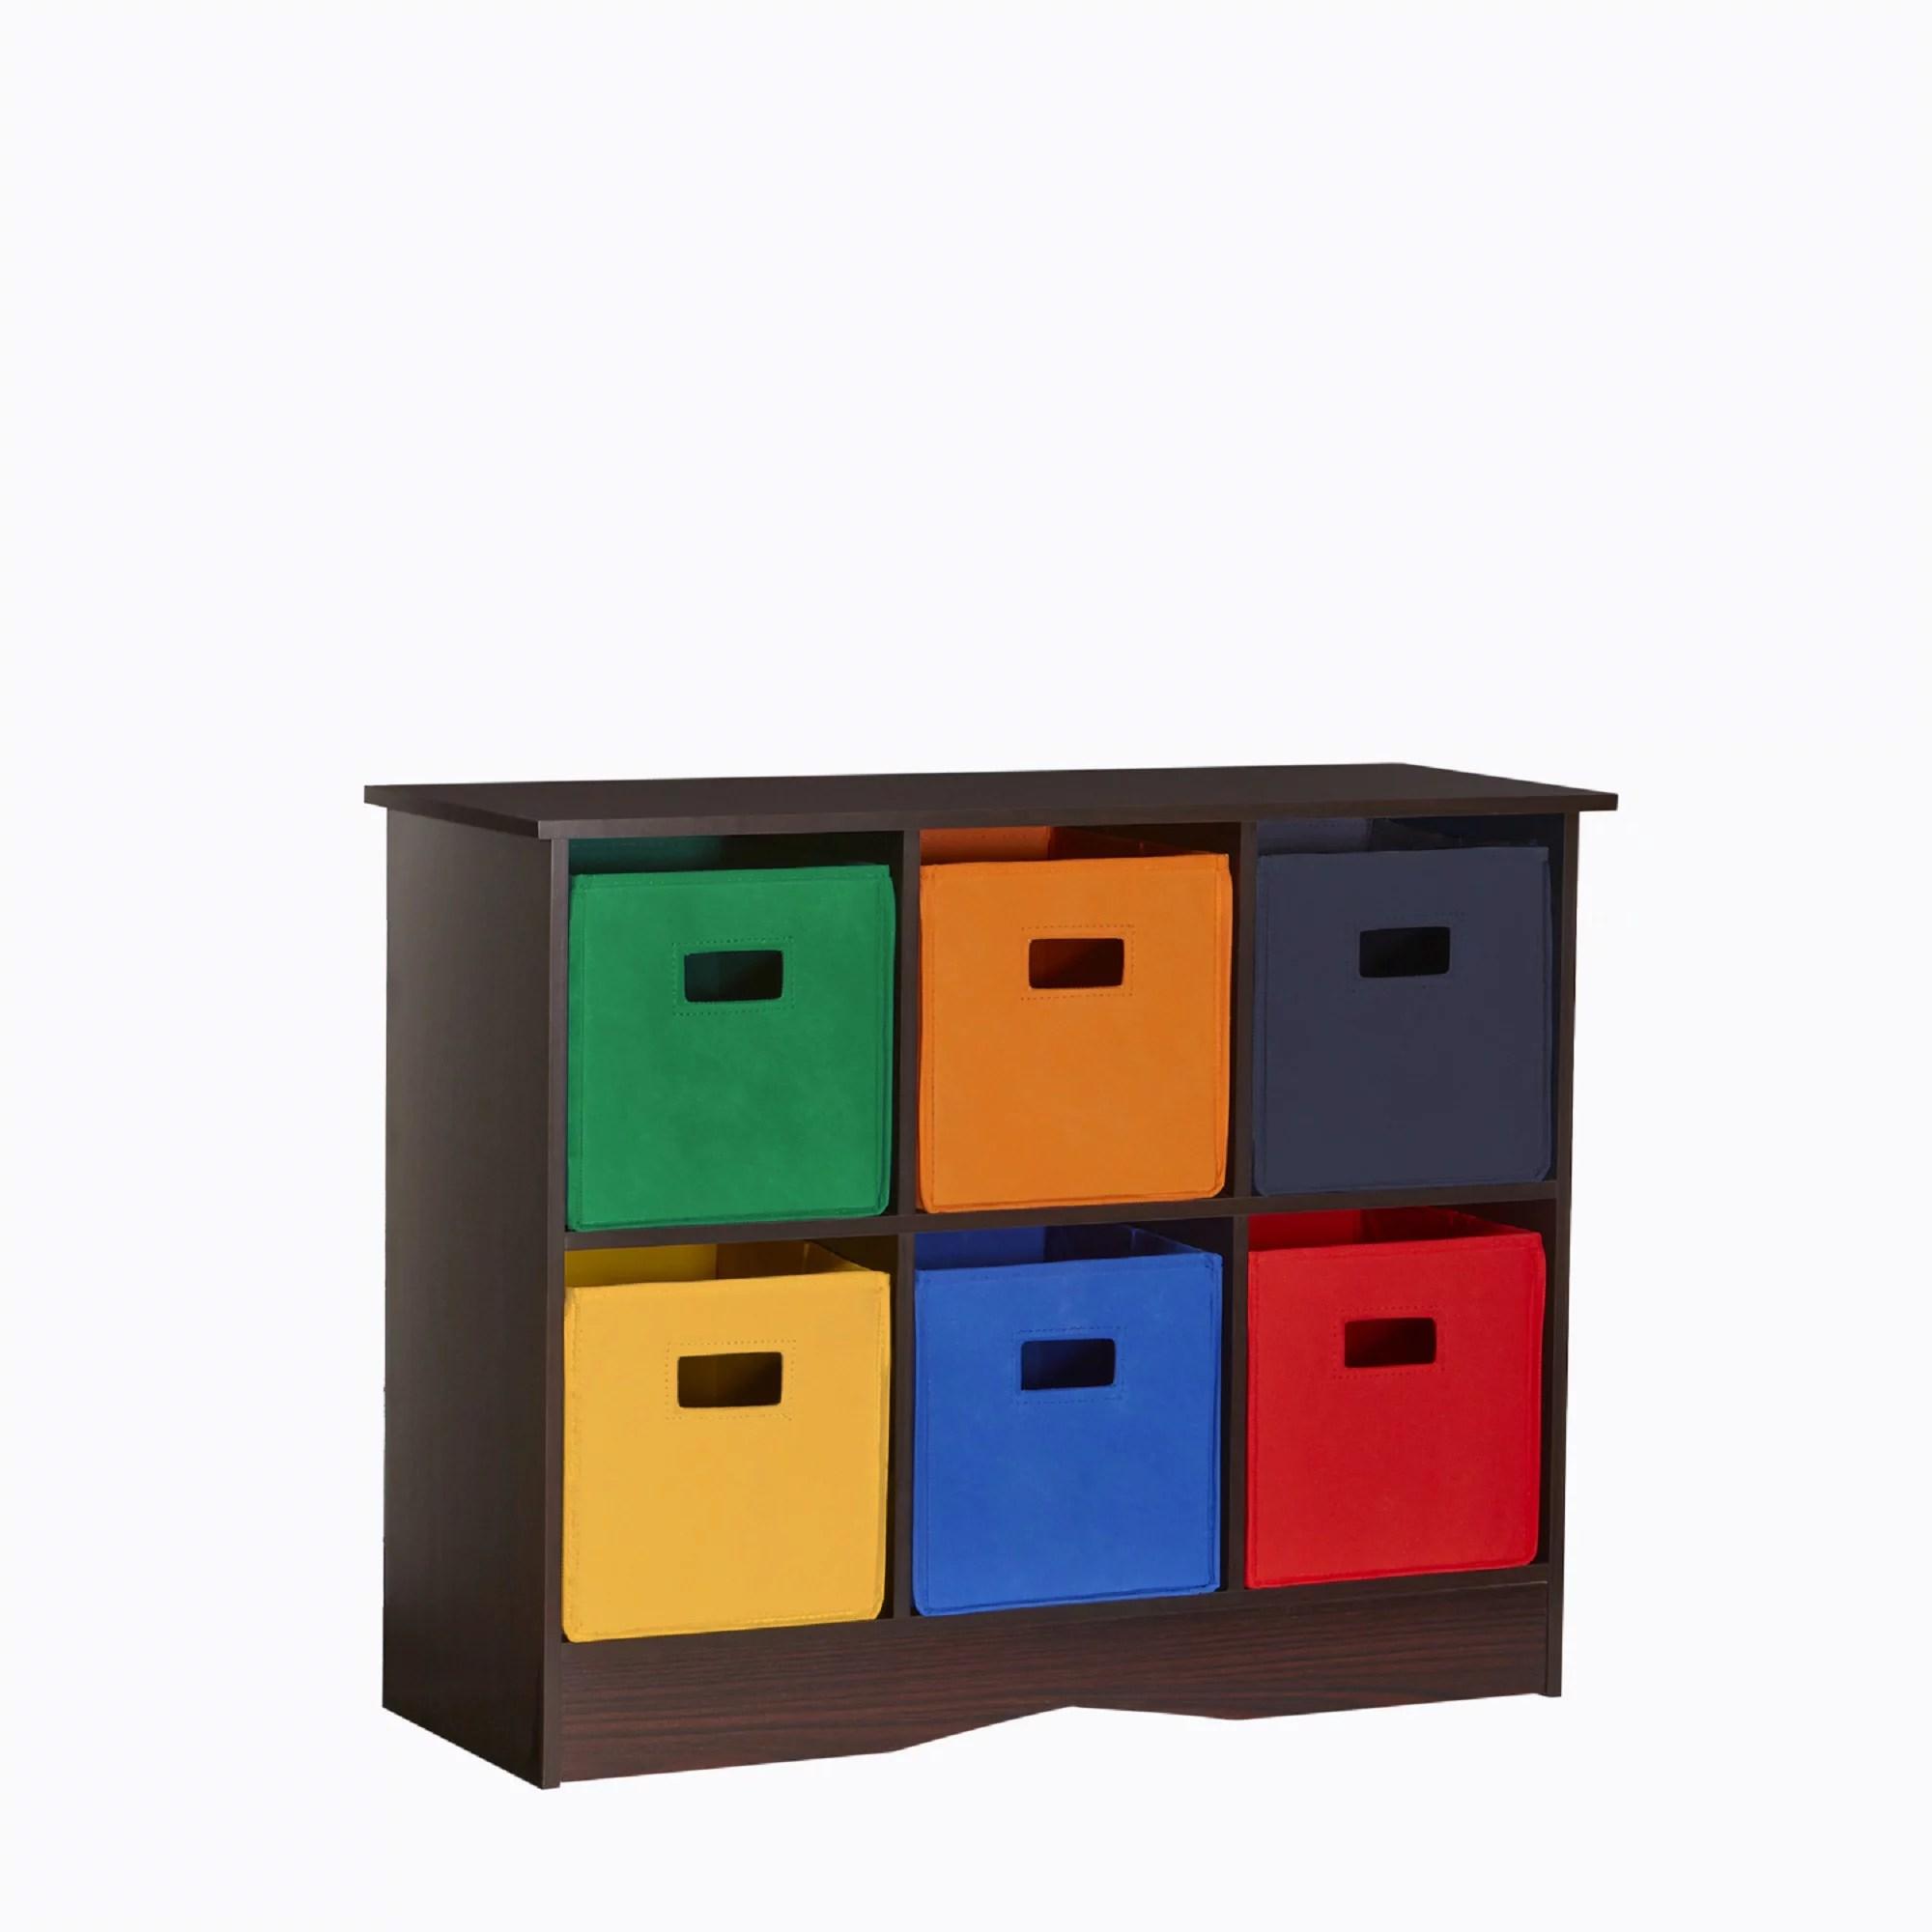 RiverRidge Kids 6 Bin Storage Cabinet  EspressoPrimary